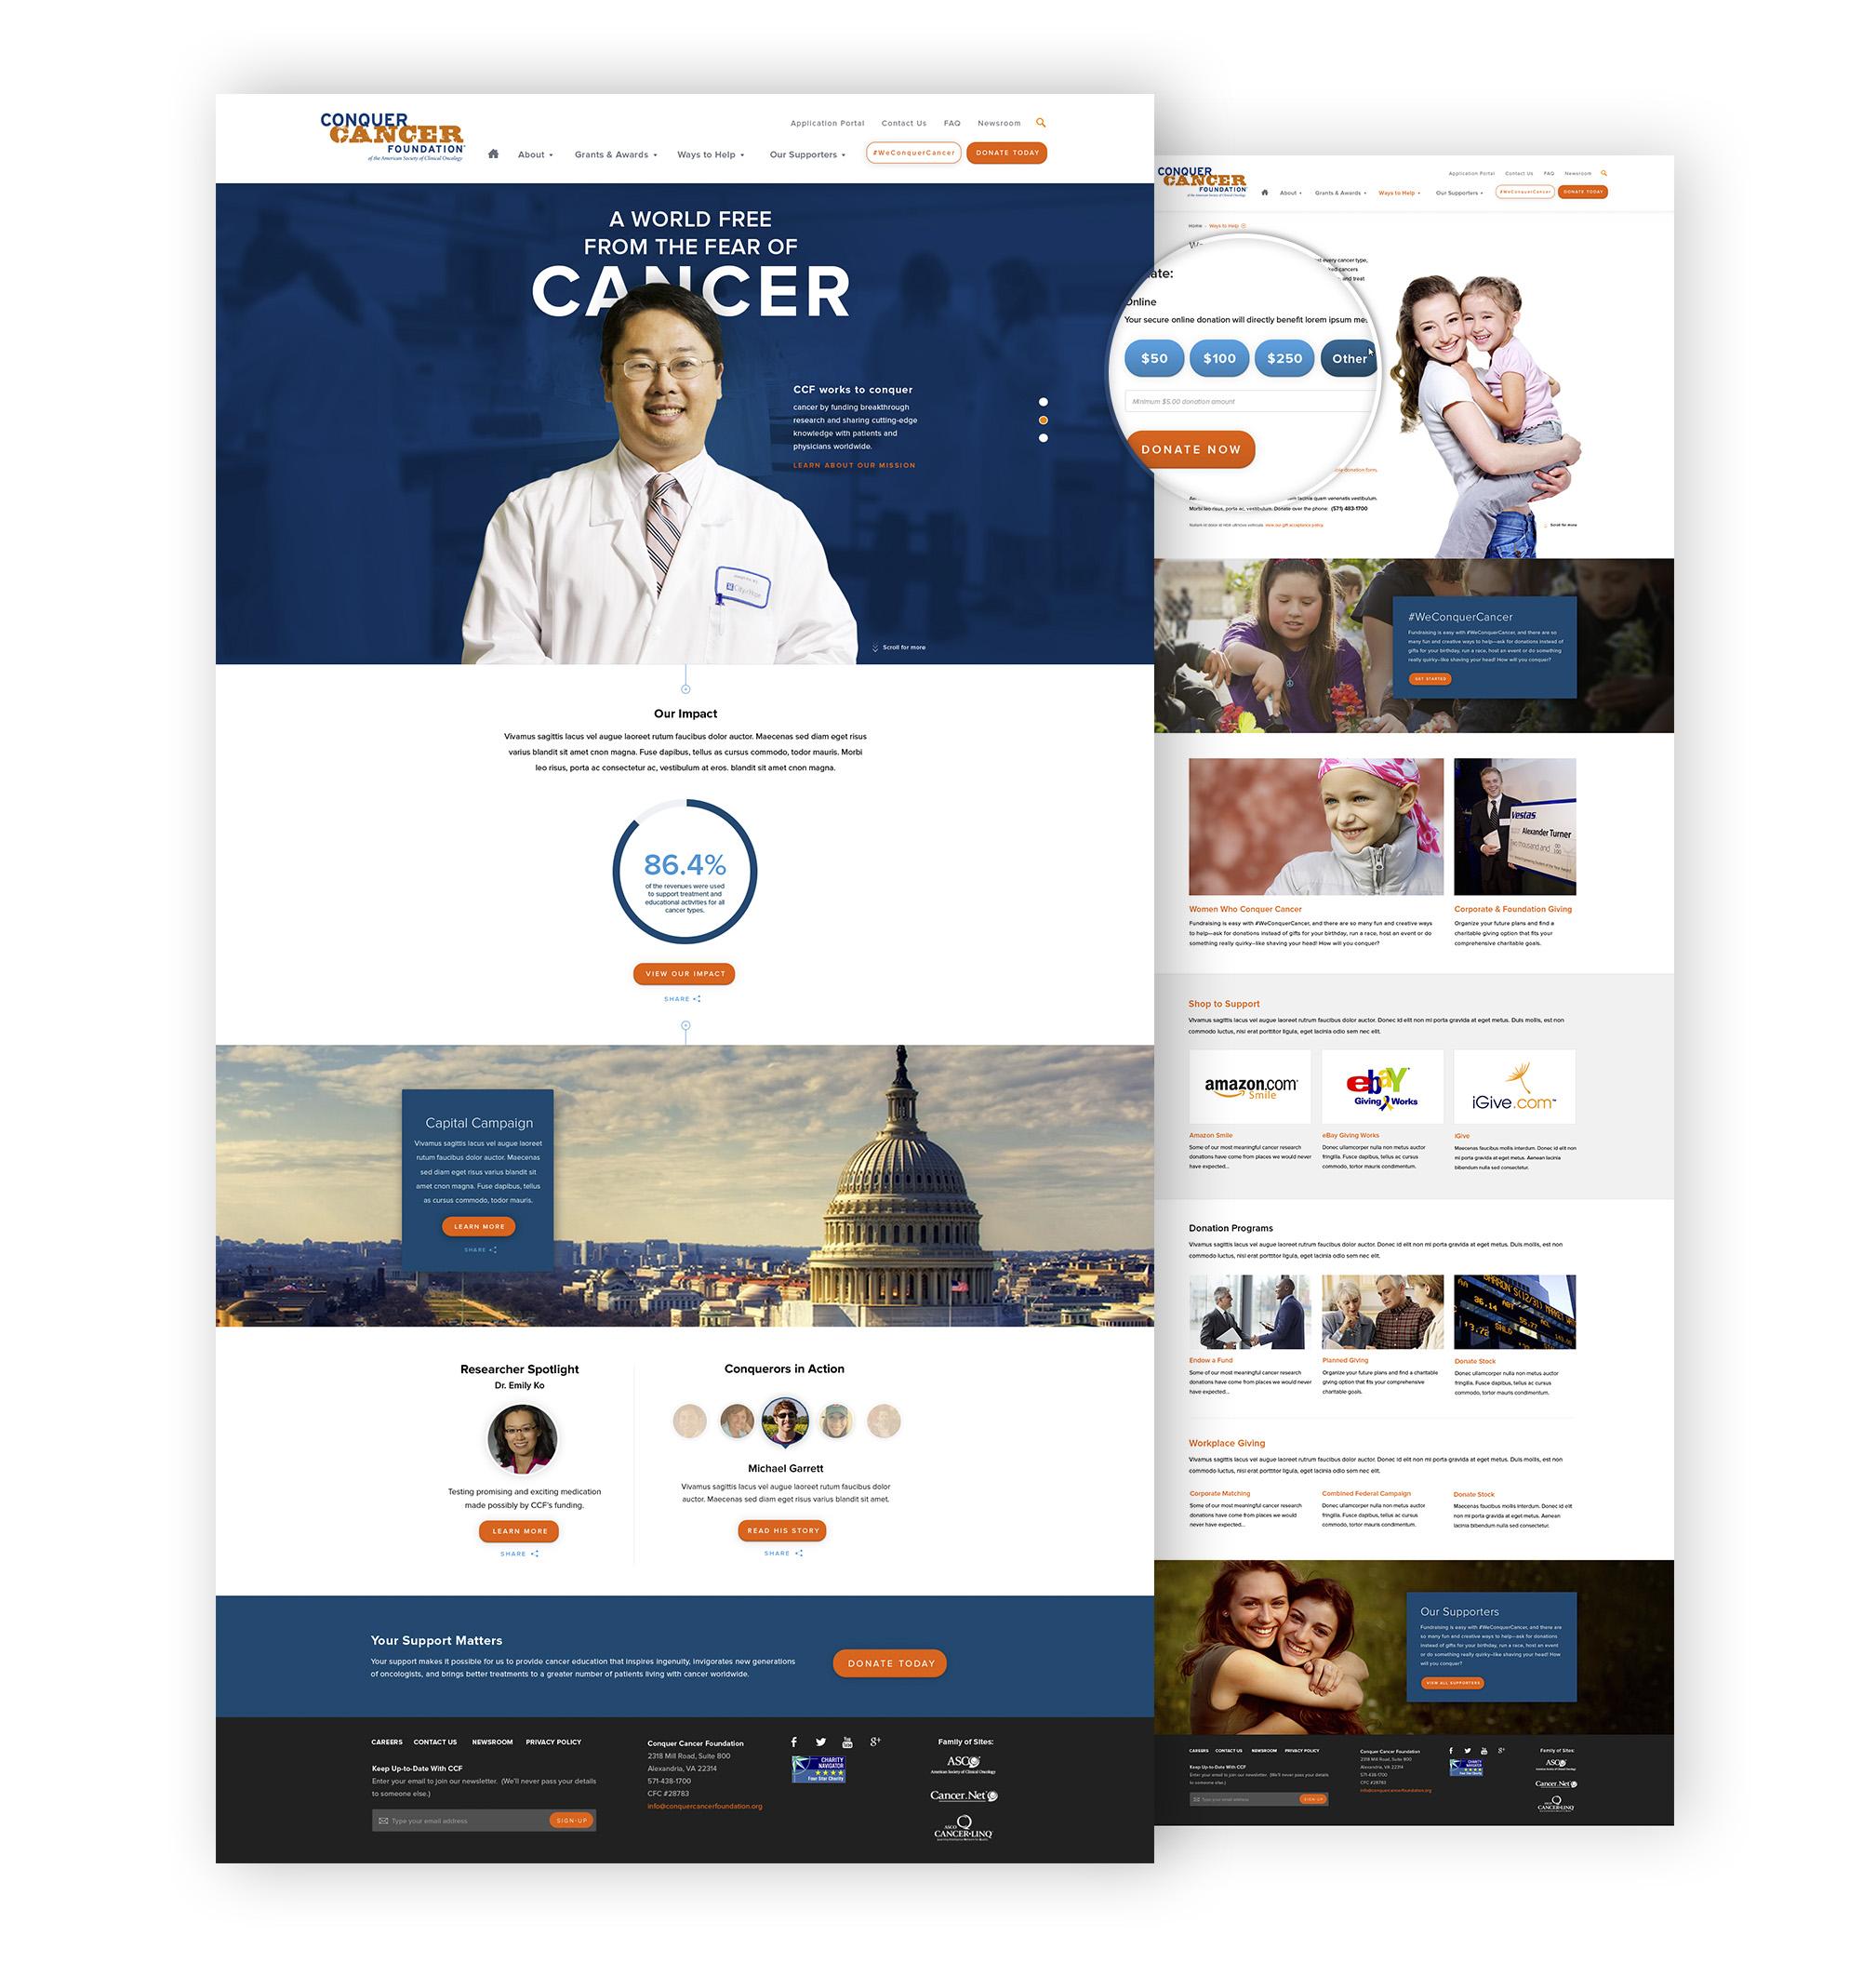 Conquer Cancer Foundation design comp details